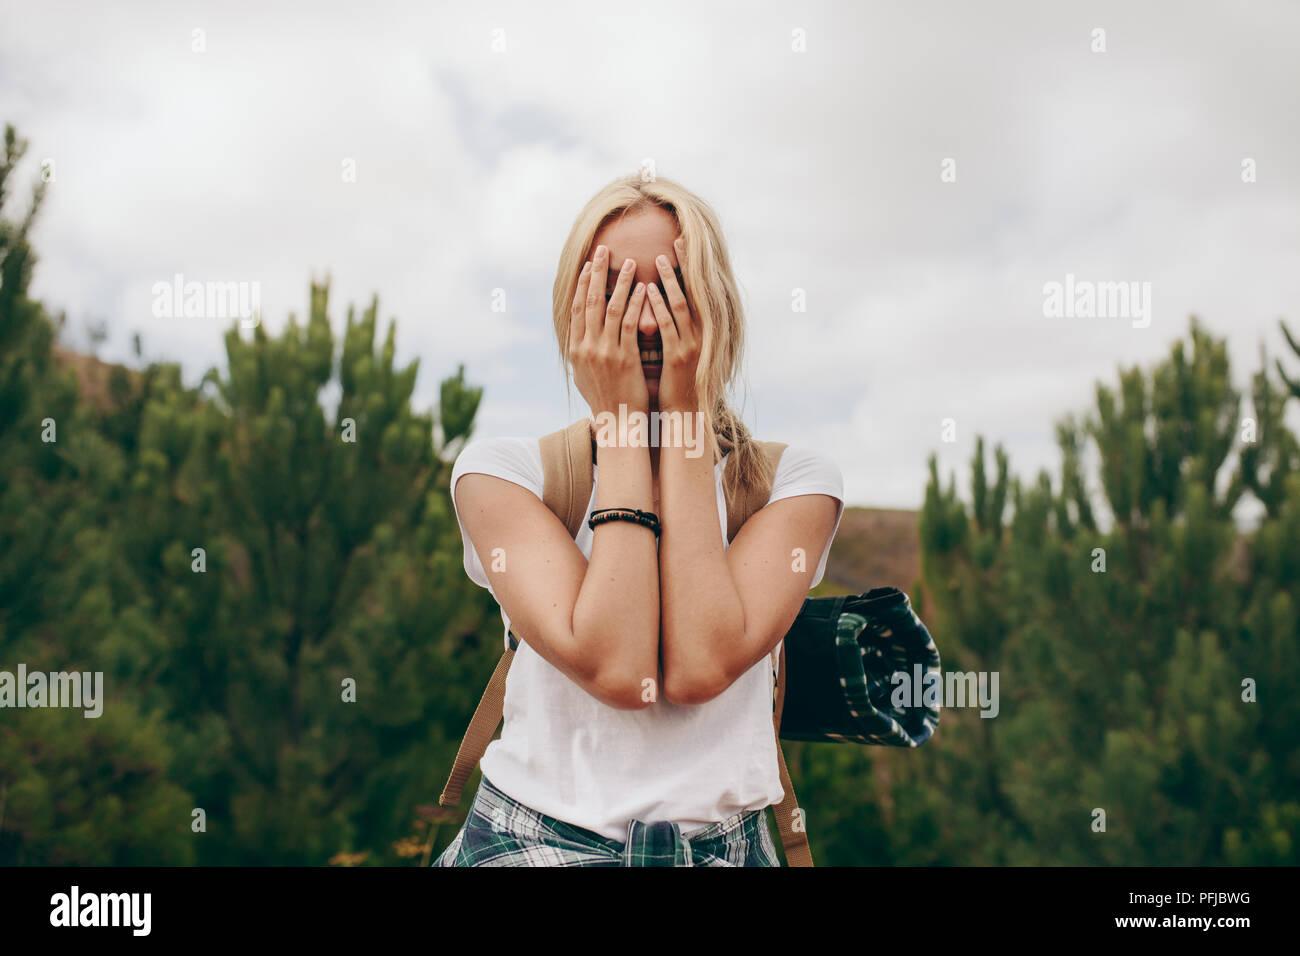 Voyageuses couvrant son visage avec les mains debout dans une forêt. Maison de vacances sur une femme portant un sac de voyage. Photo Stock